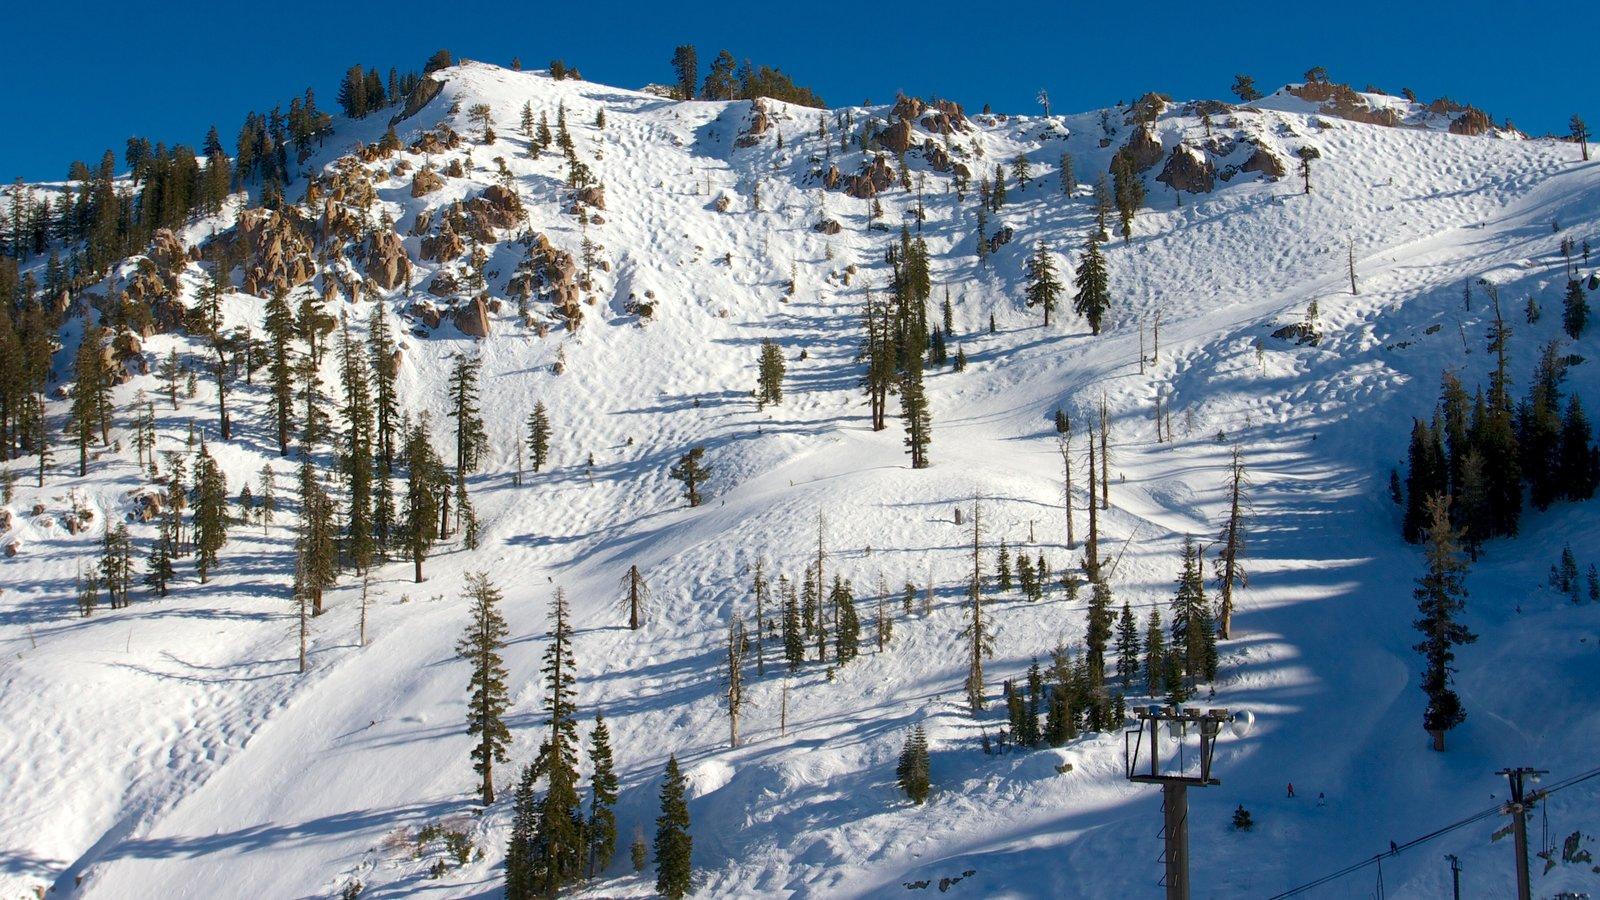 Squaw Valley Resort ofreciendo vistas de paisajes, nieve y montañas